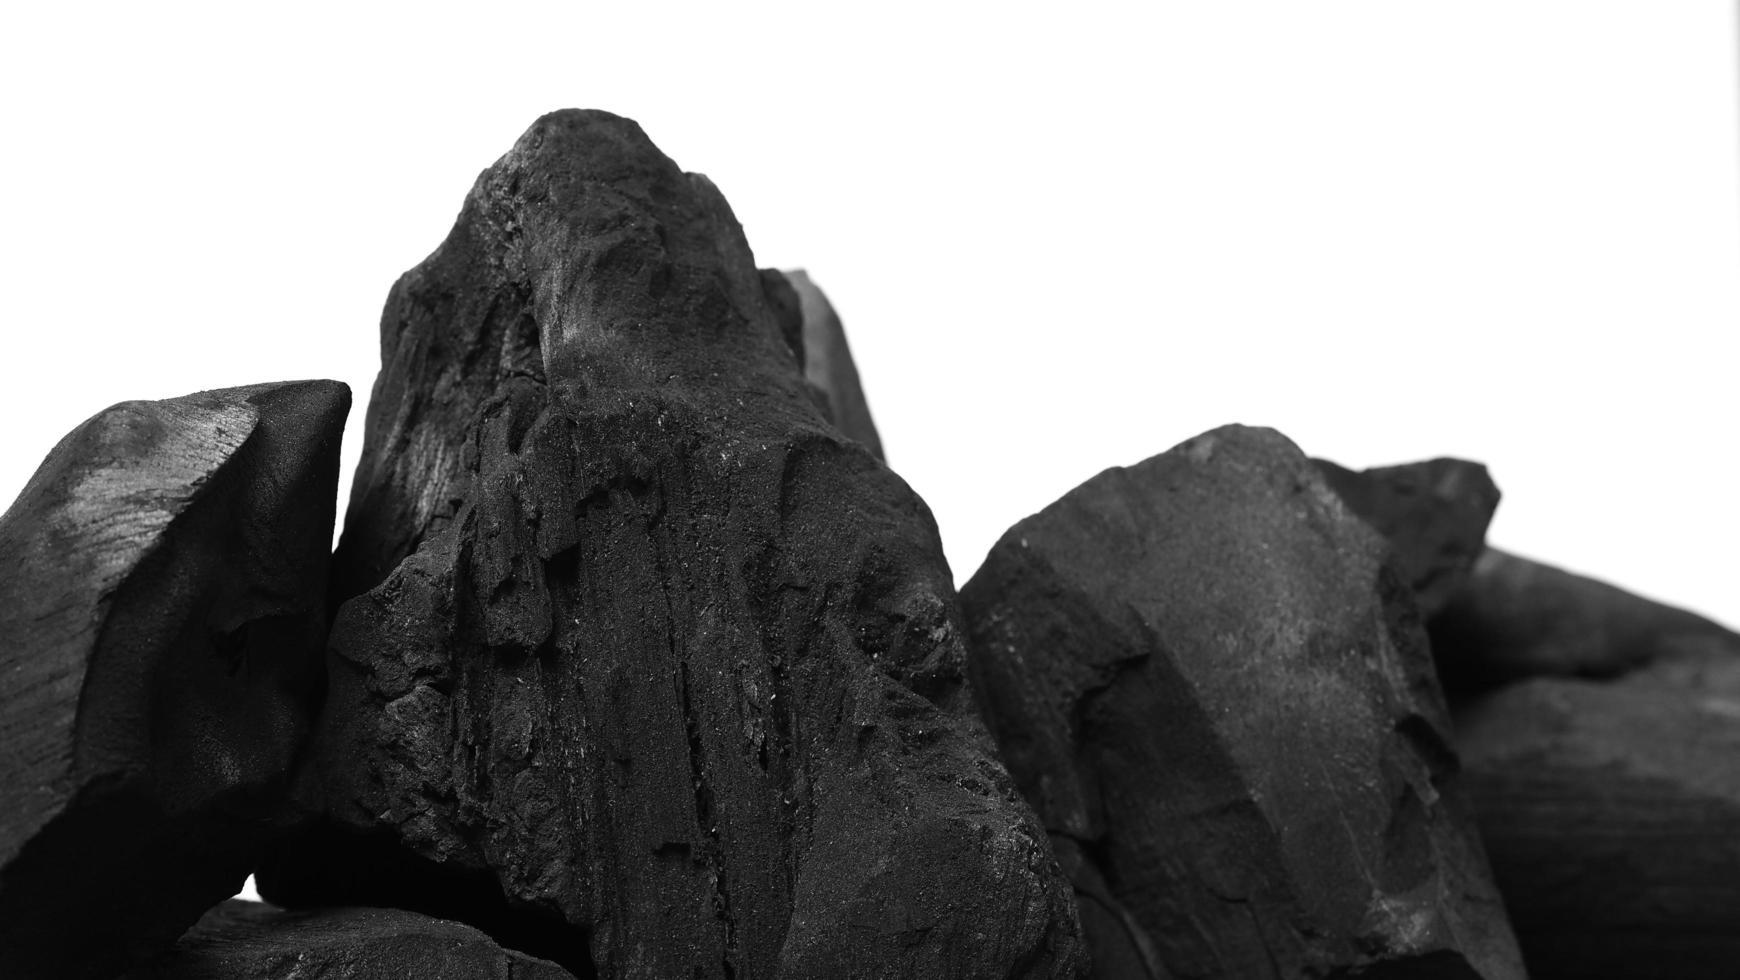 charbon de bois. charbon de bois noir sur sol texturé noir. utilisé pour la cuisine photo